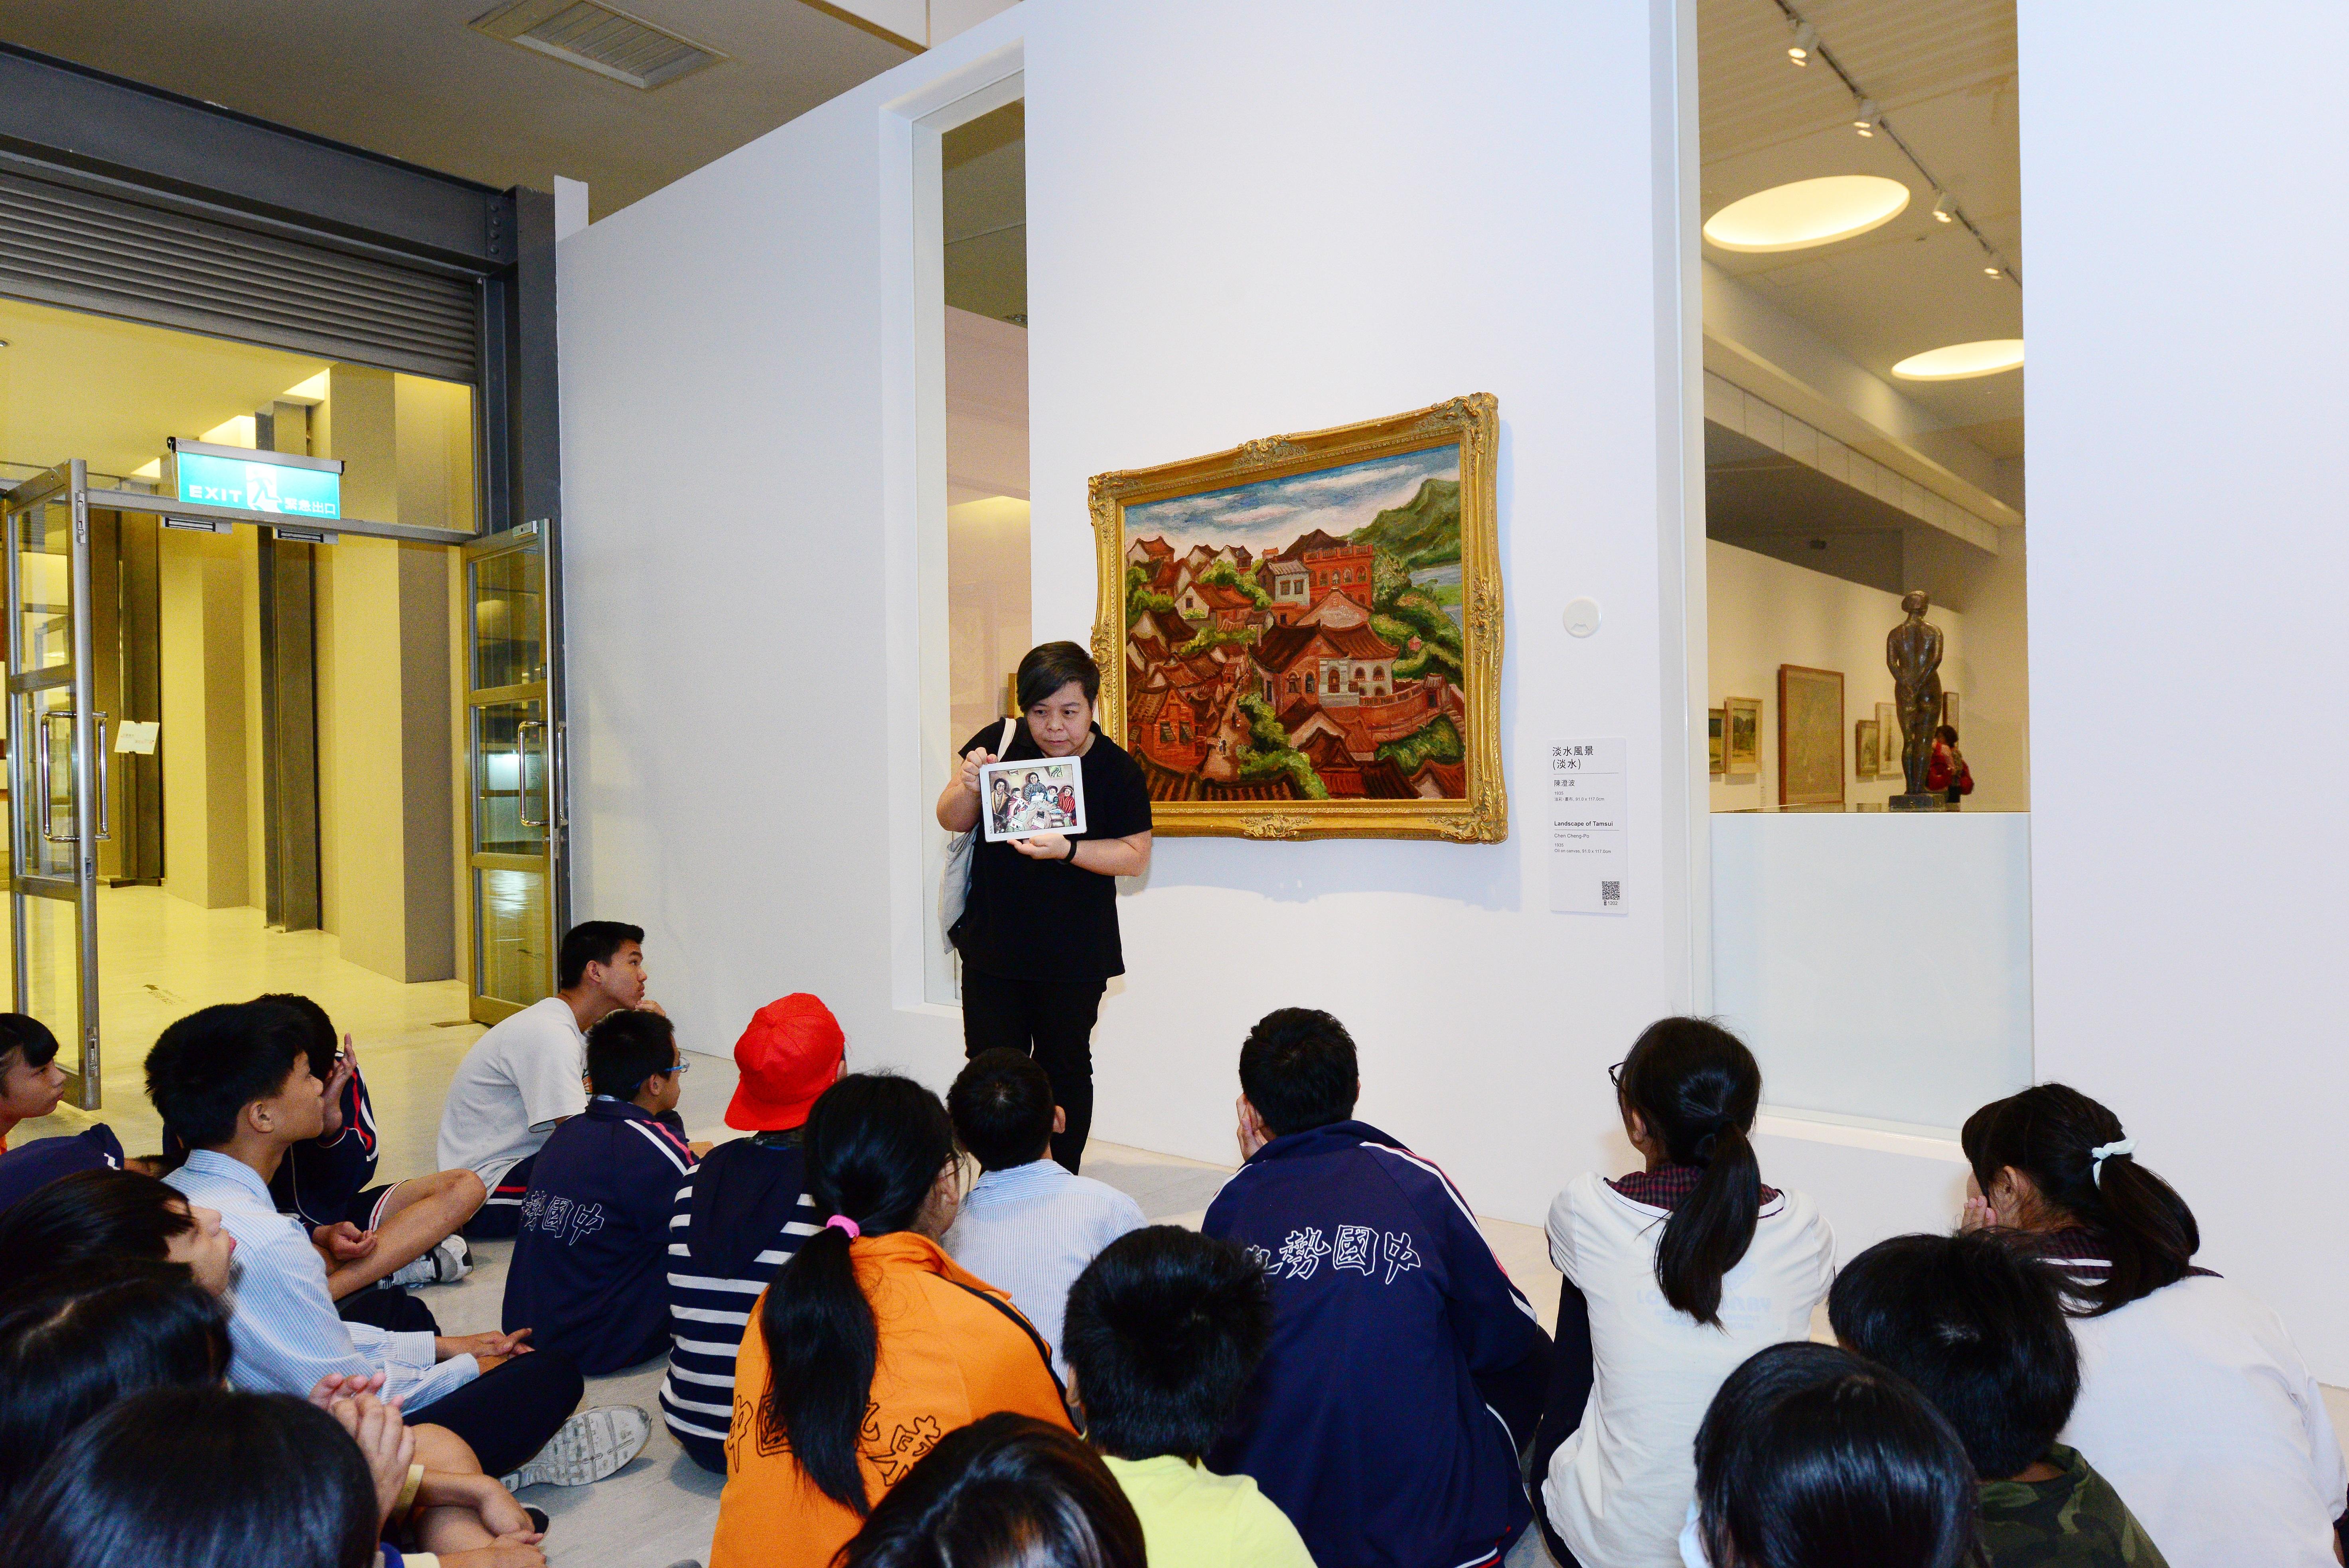 「肯定與接納的藝術行動─特教資源館校合作計畫」,活動包含作品欣賞討論與創作兩單元。圖為特教學員欣賞陳澄波《淡水風景》原作照片。